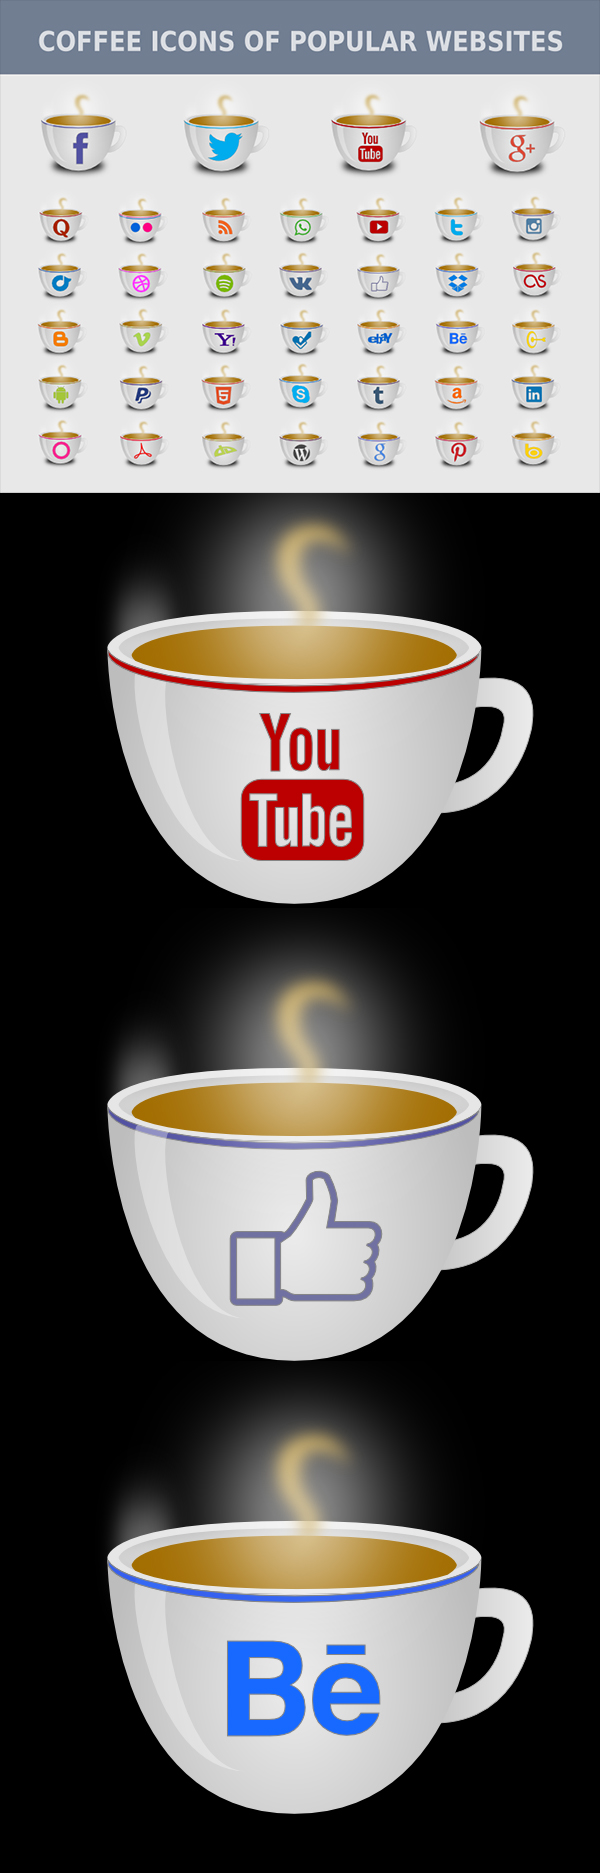 Social Media Coffee Icons